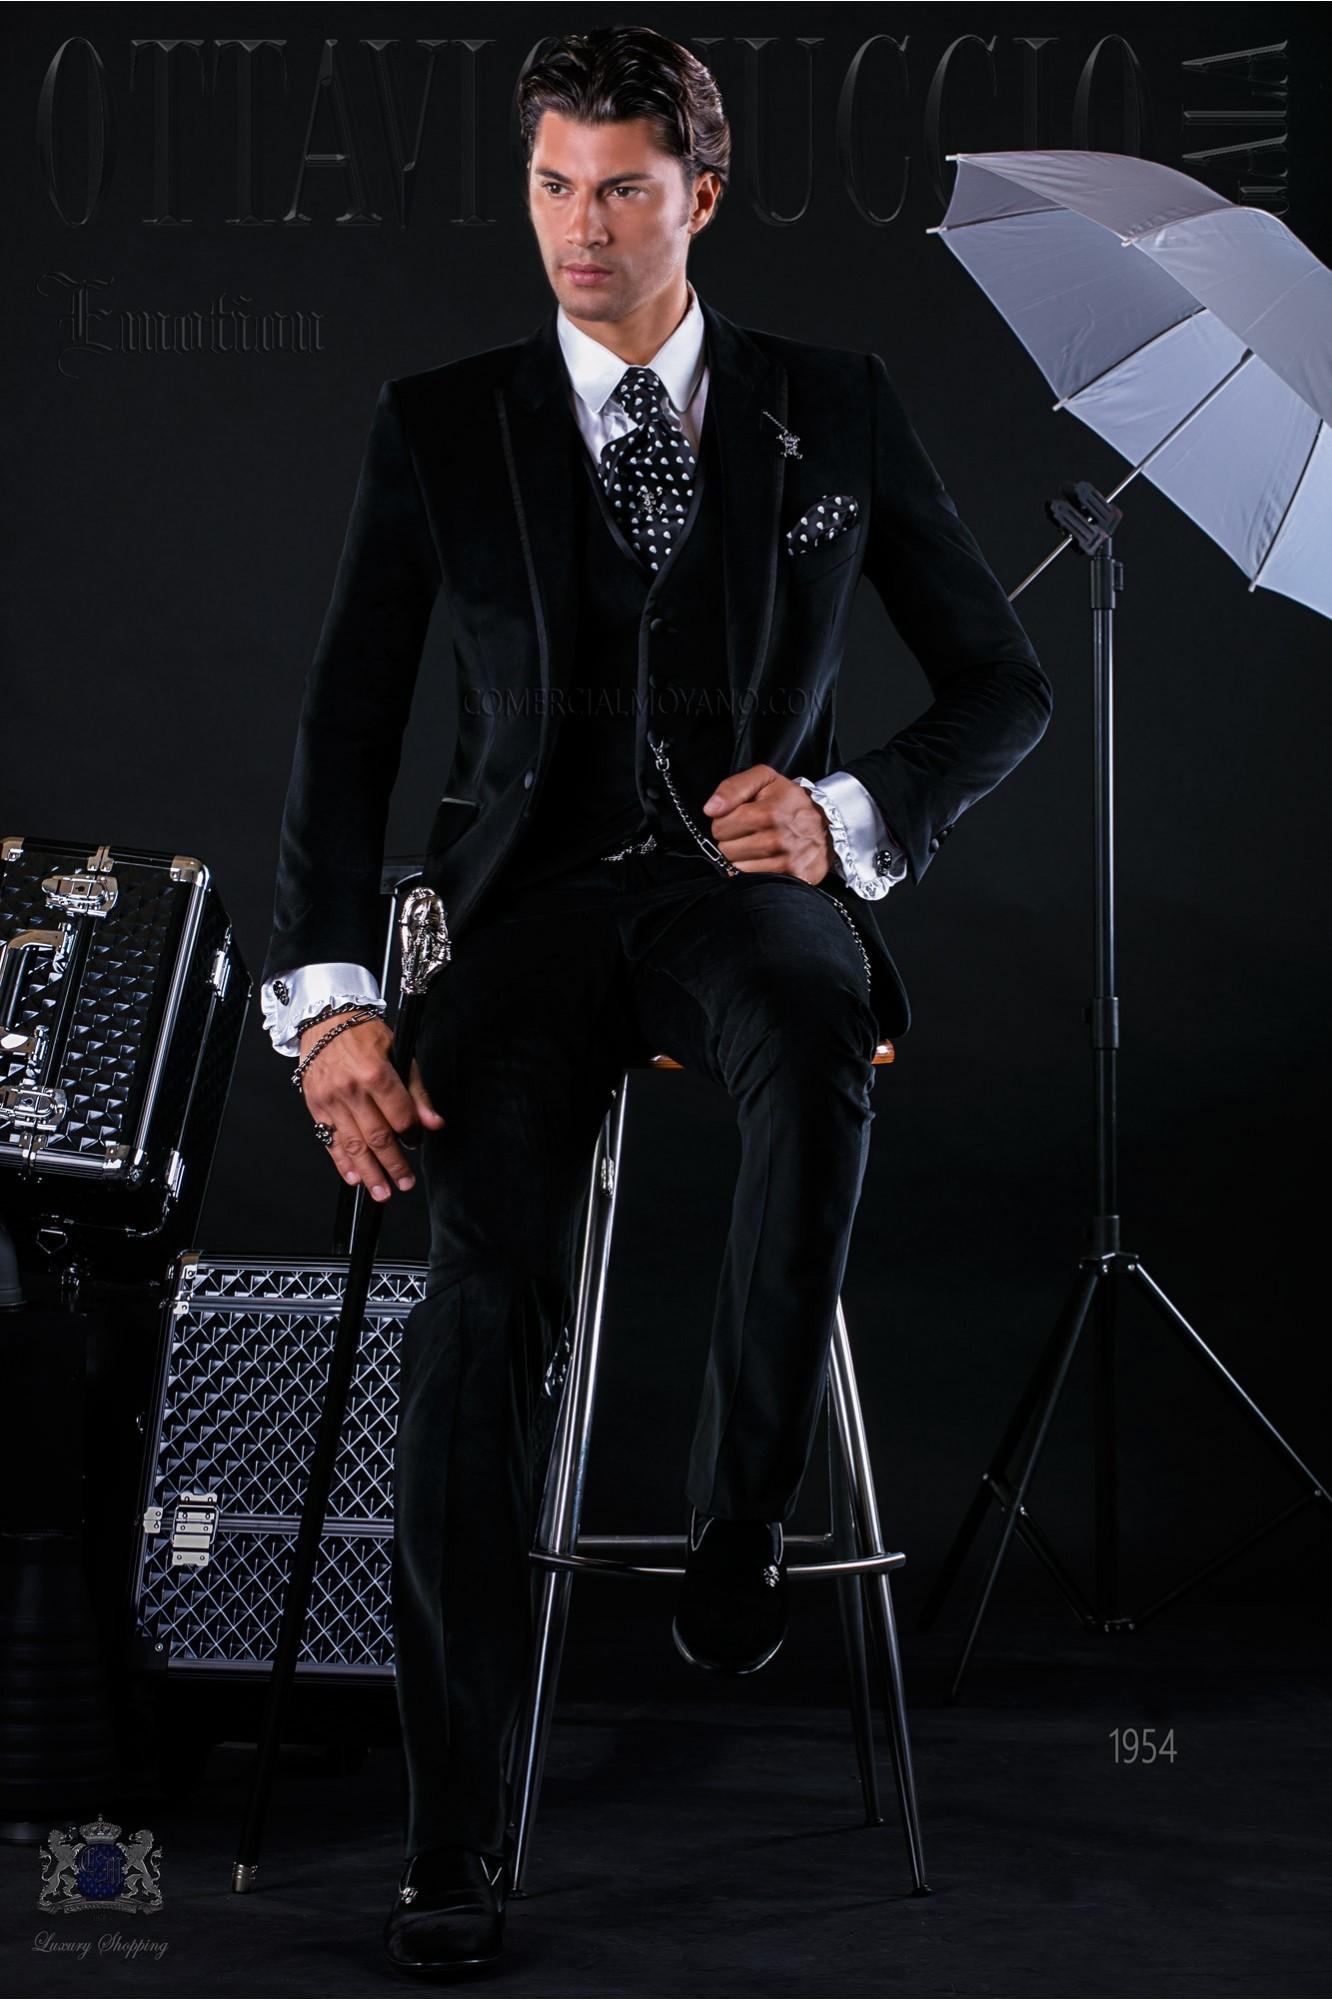 Traje de moda italiano a medida negro de terciopelo modelo: 1954 Ottavio Nuccio Gala colección Emotion 2017